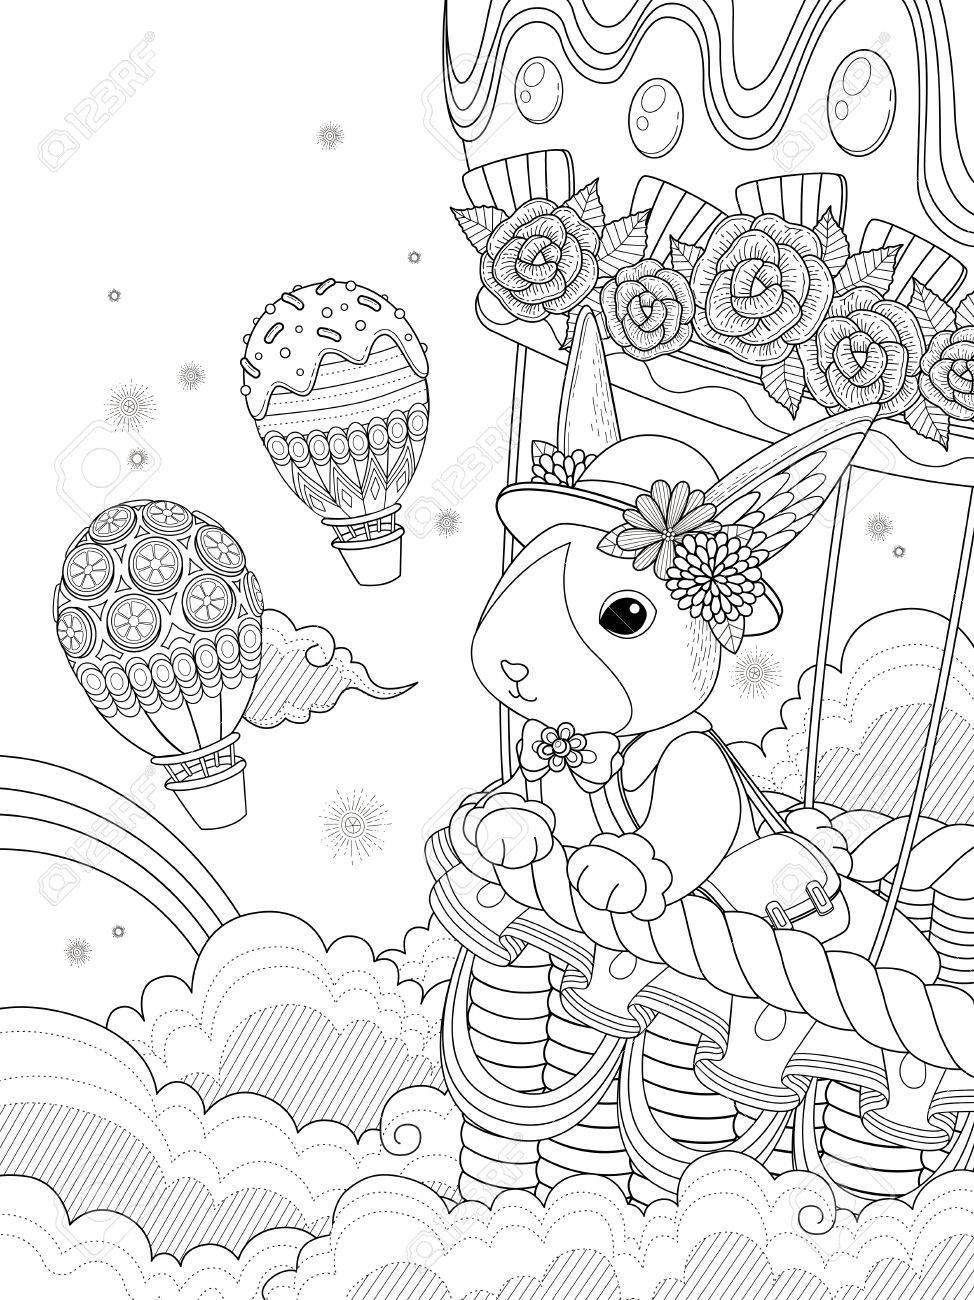 Preciosa Página Para Colorear Para Adultos, Señorita Conejo Toma ...